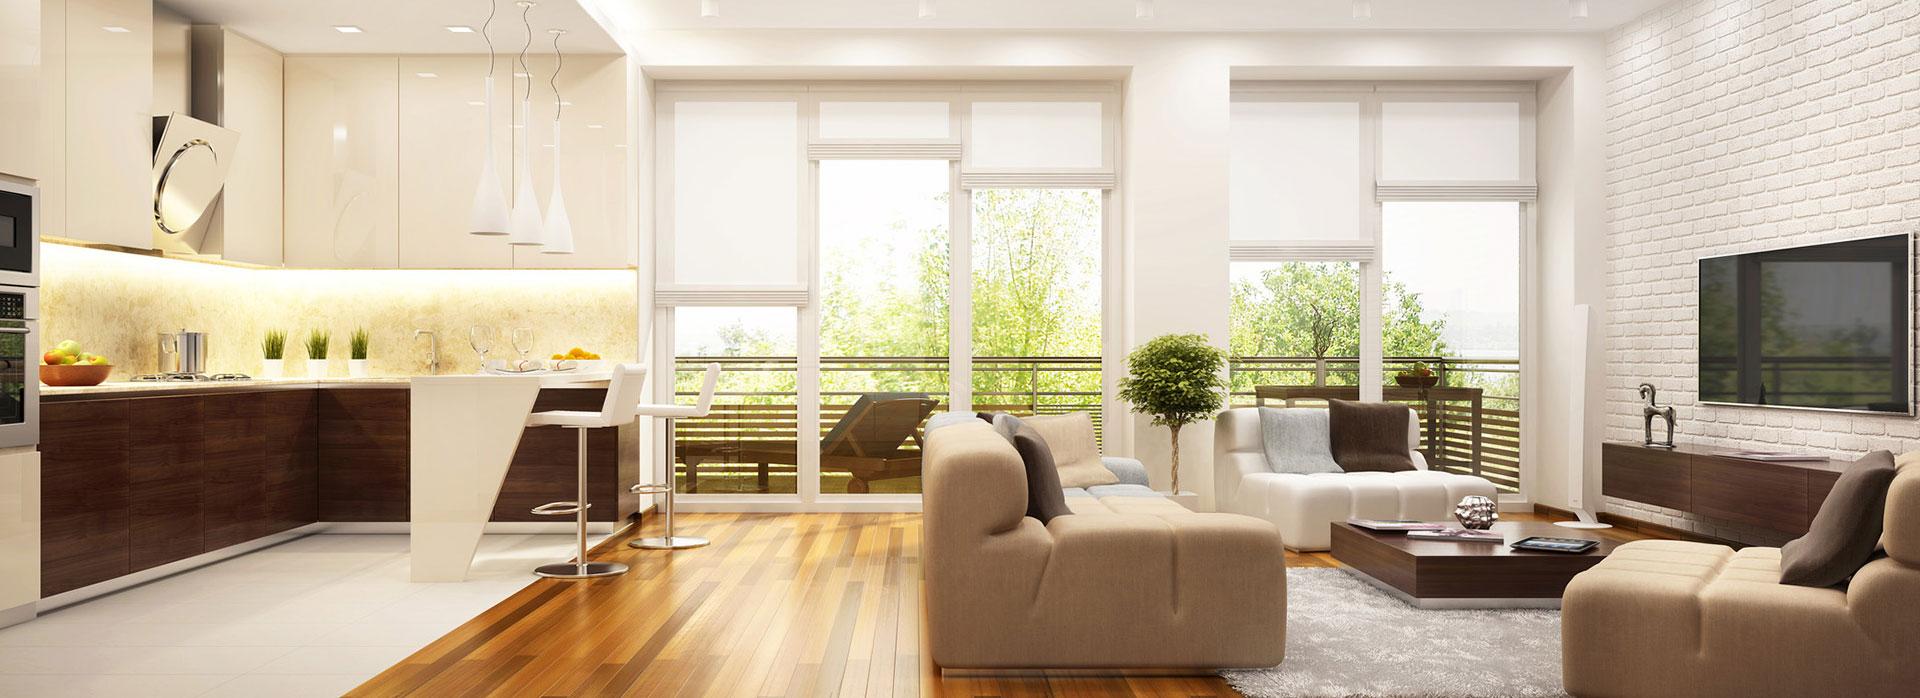 idées de design d'intérieur qui vont sublimer votre maison